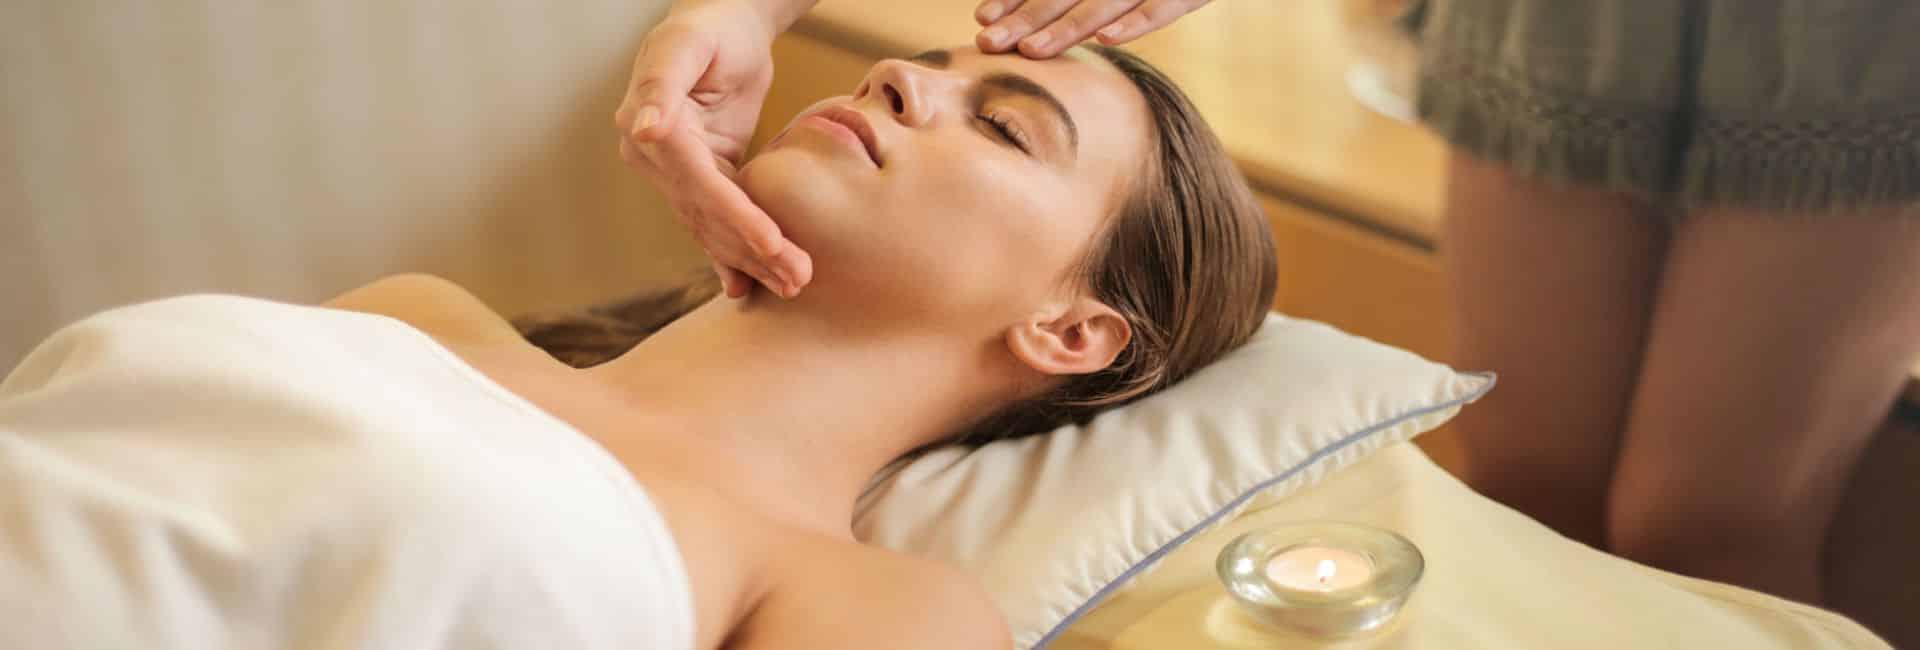 Schmuckbild Kosmetik Frau auf der Liege mit Gesichtsbehandlung